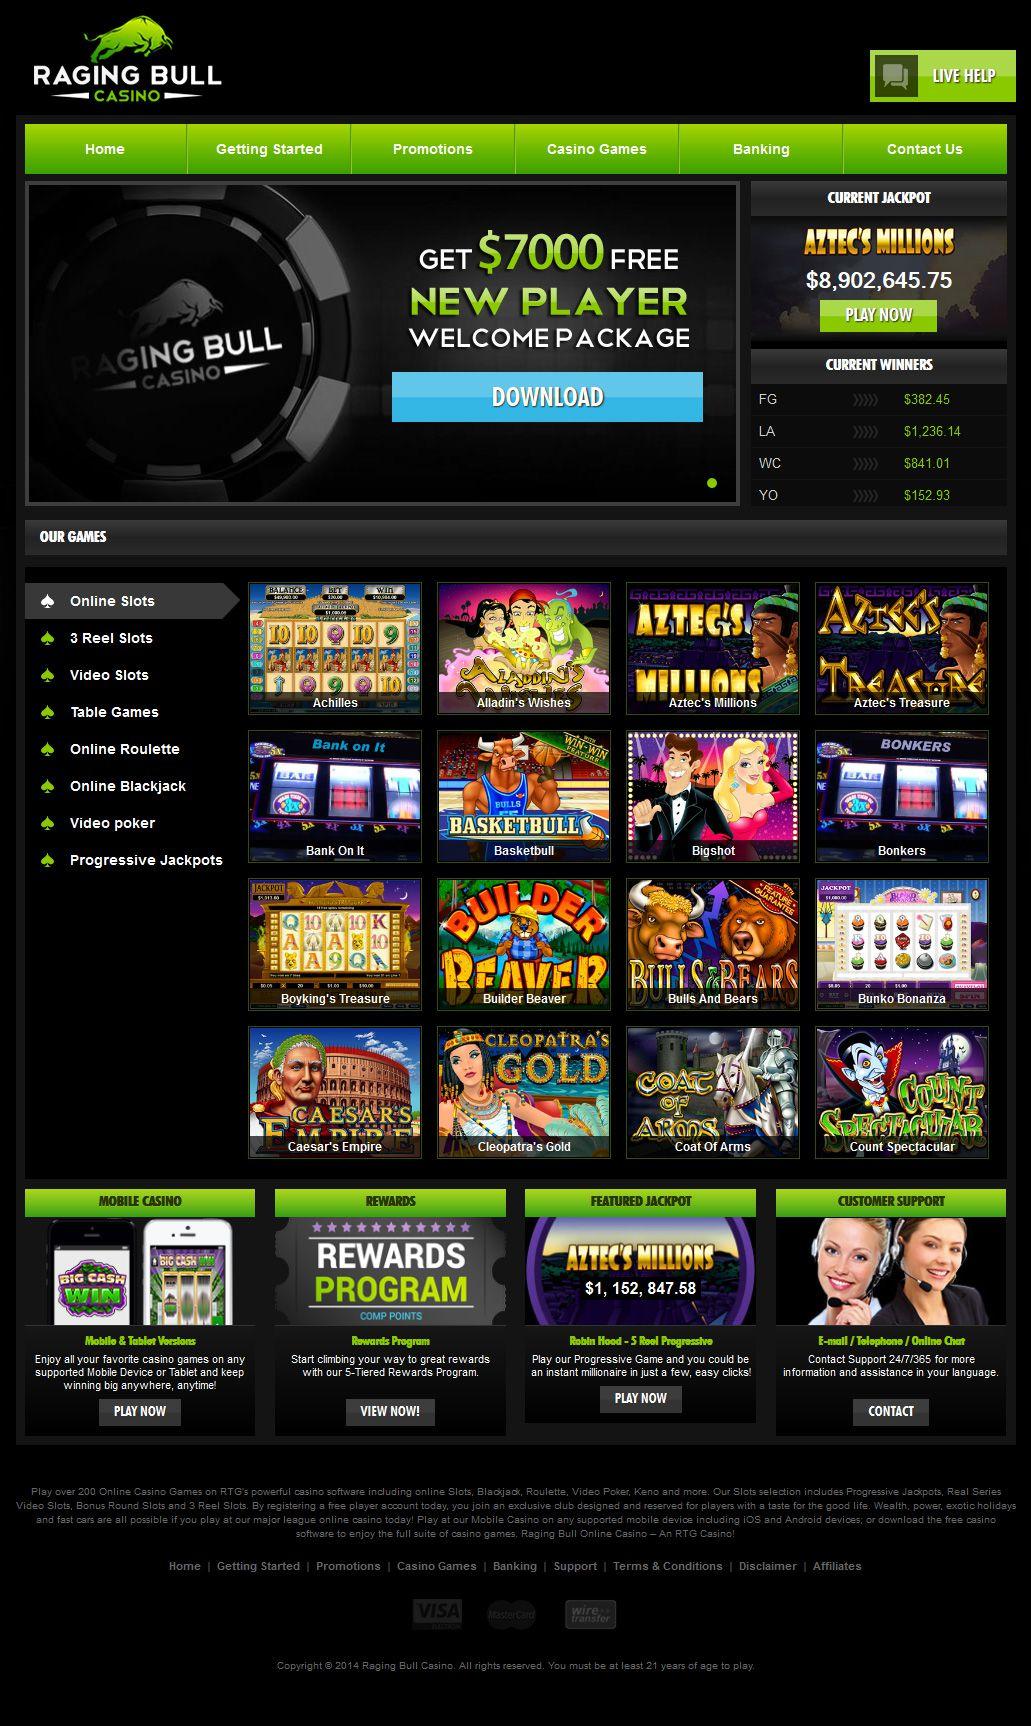 Raging bull et Betn1 Casino : quel est le meilleur ?